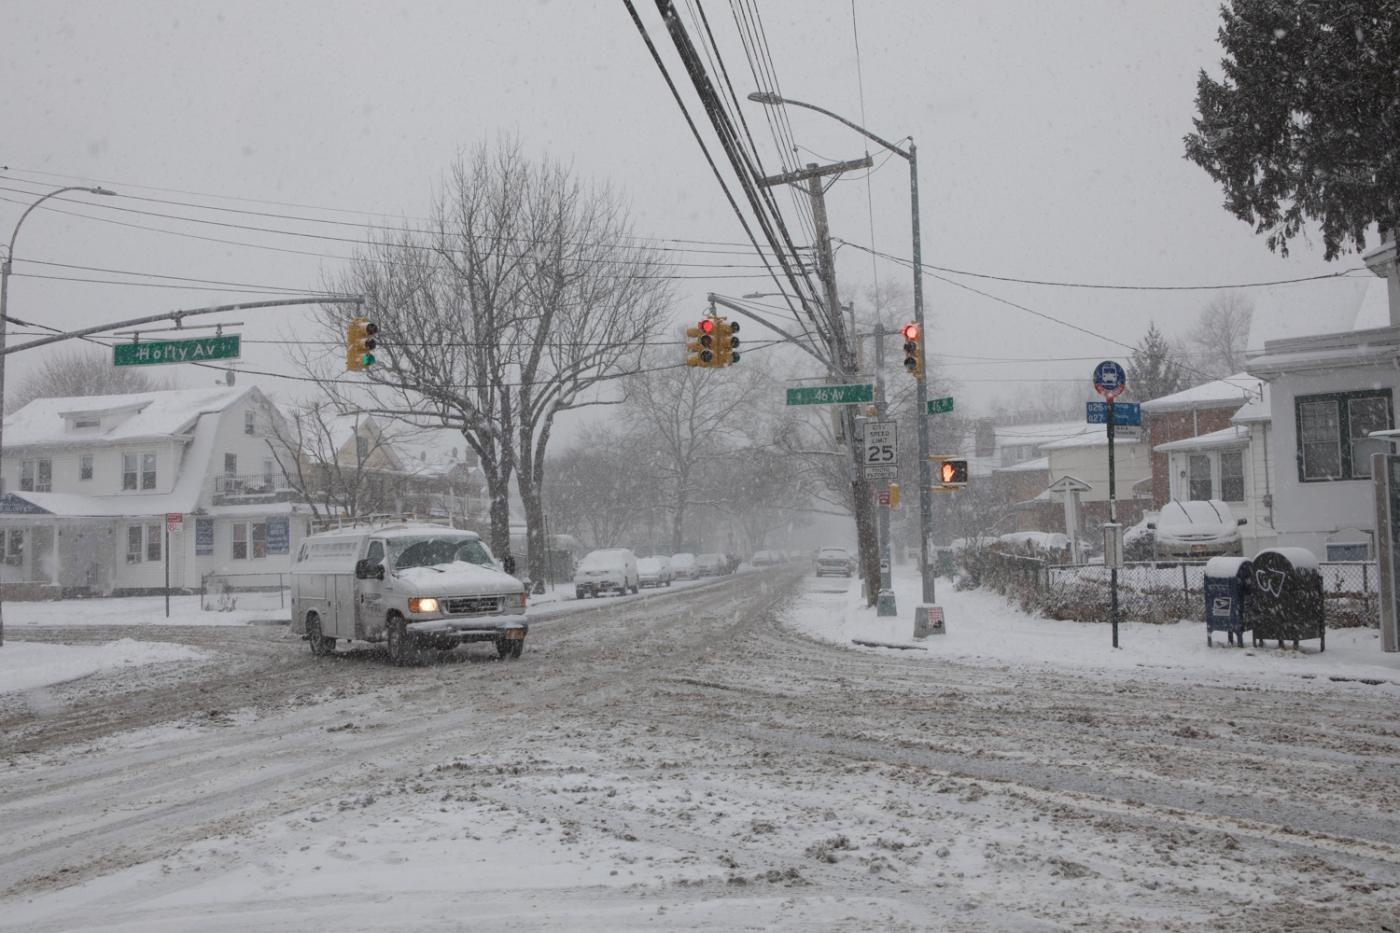 紐約: 風雪法拉盛 190107_图1-3